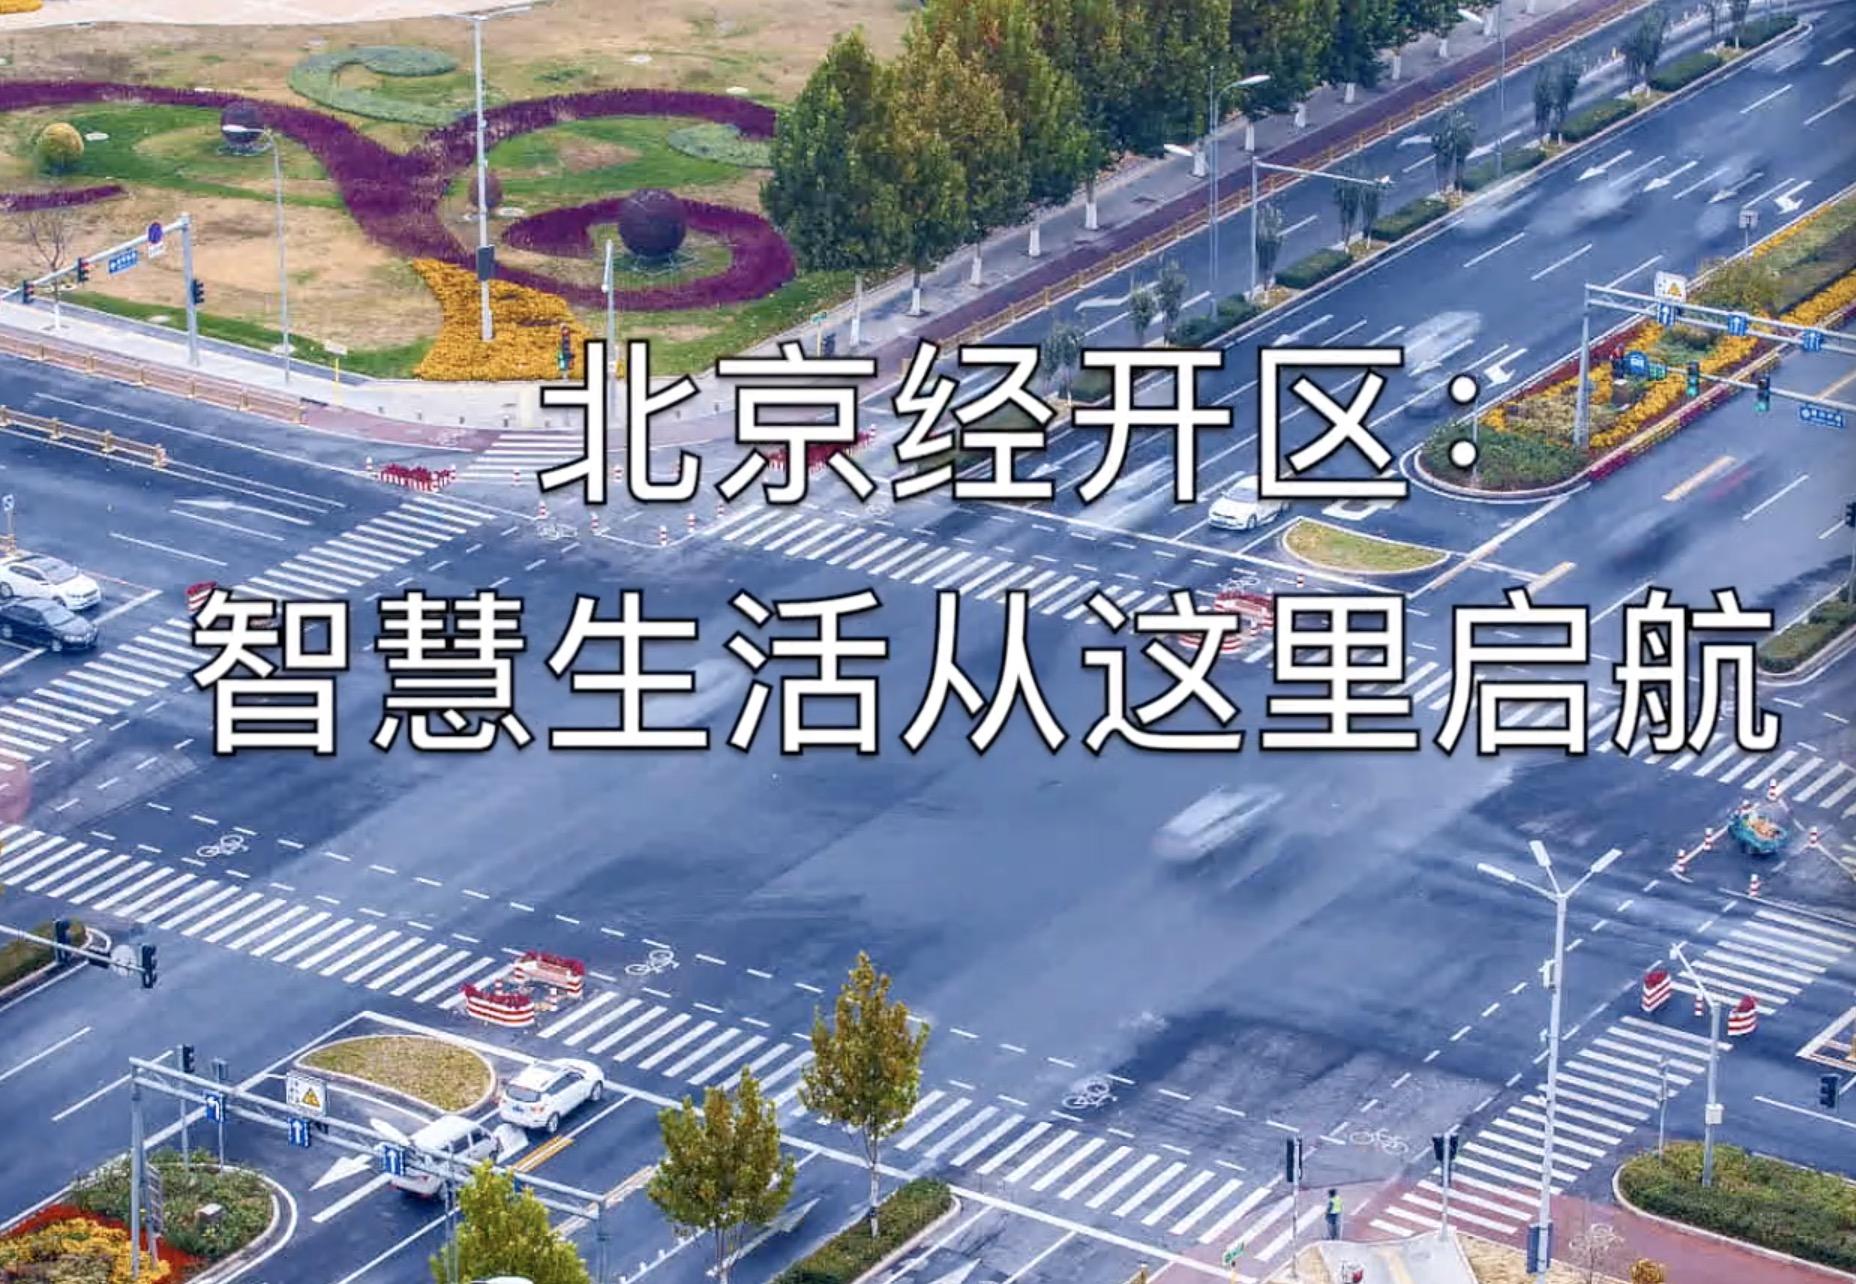 北京經開區:智慧生活從這裏啟航